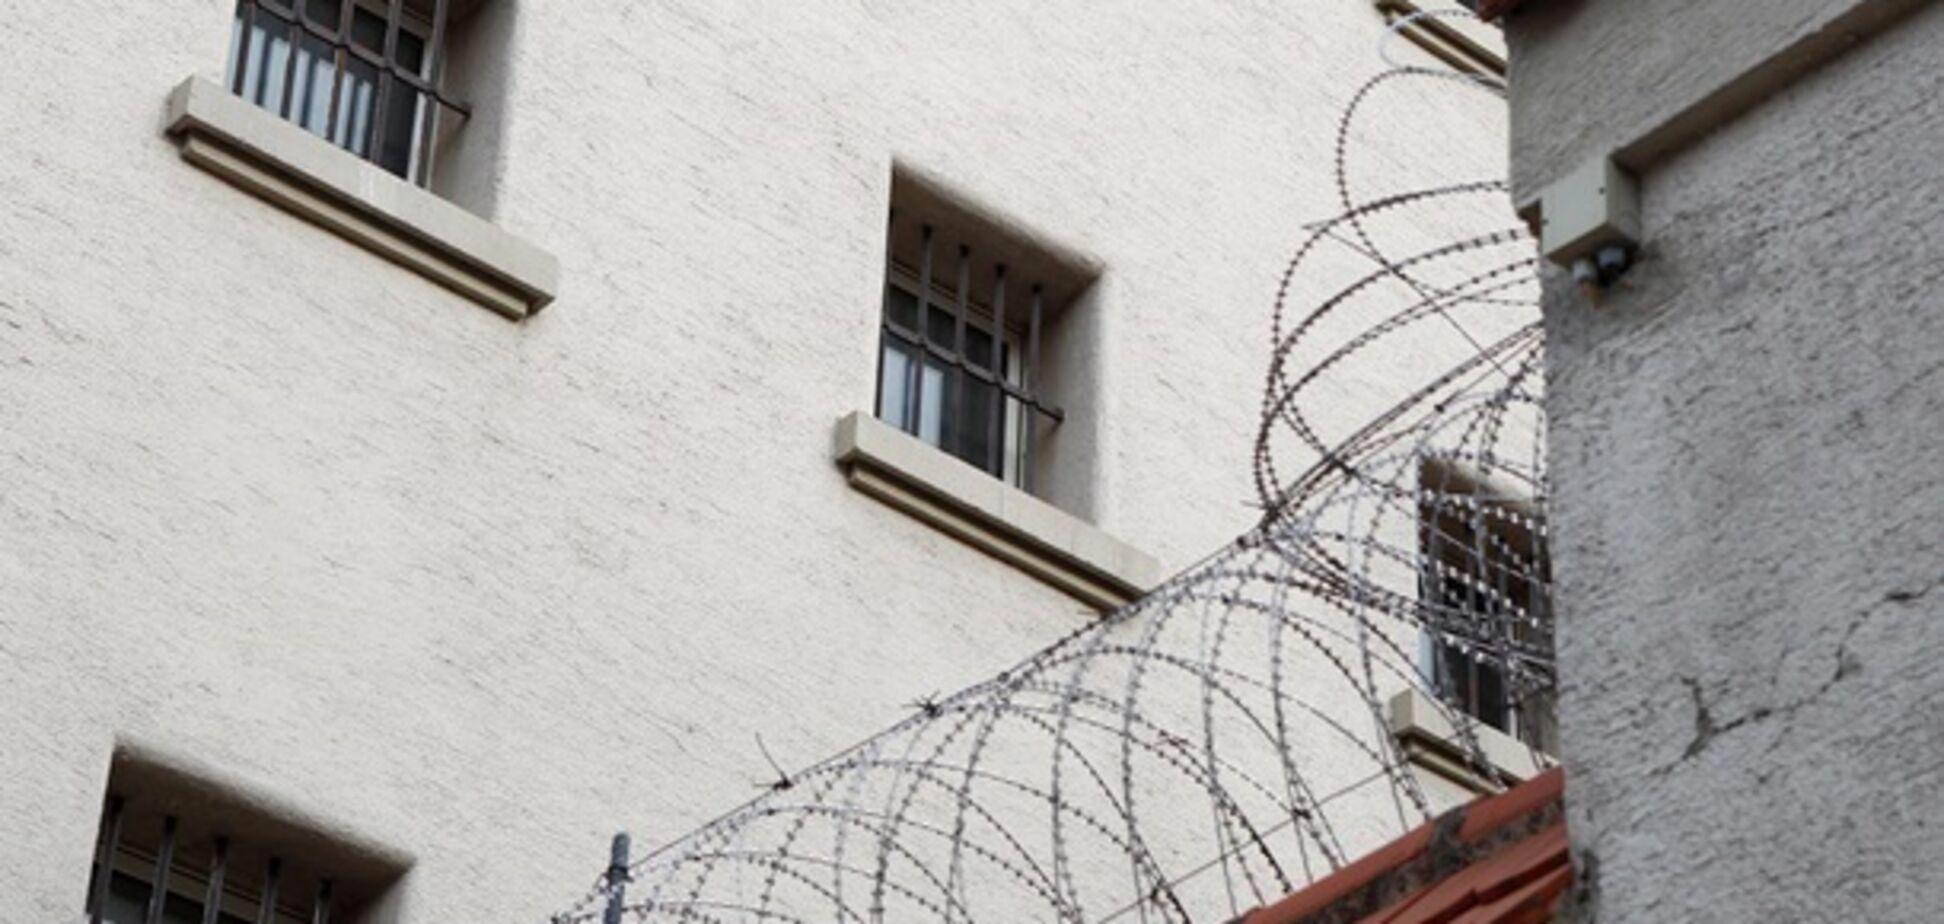 Бывший комбат приговорен к серьезному тюремному сроку за взятку в 5 тыс. грн